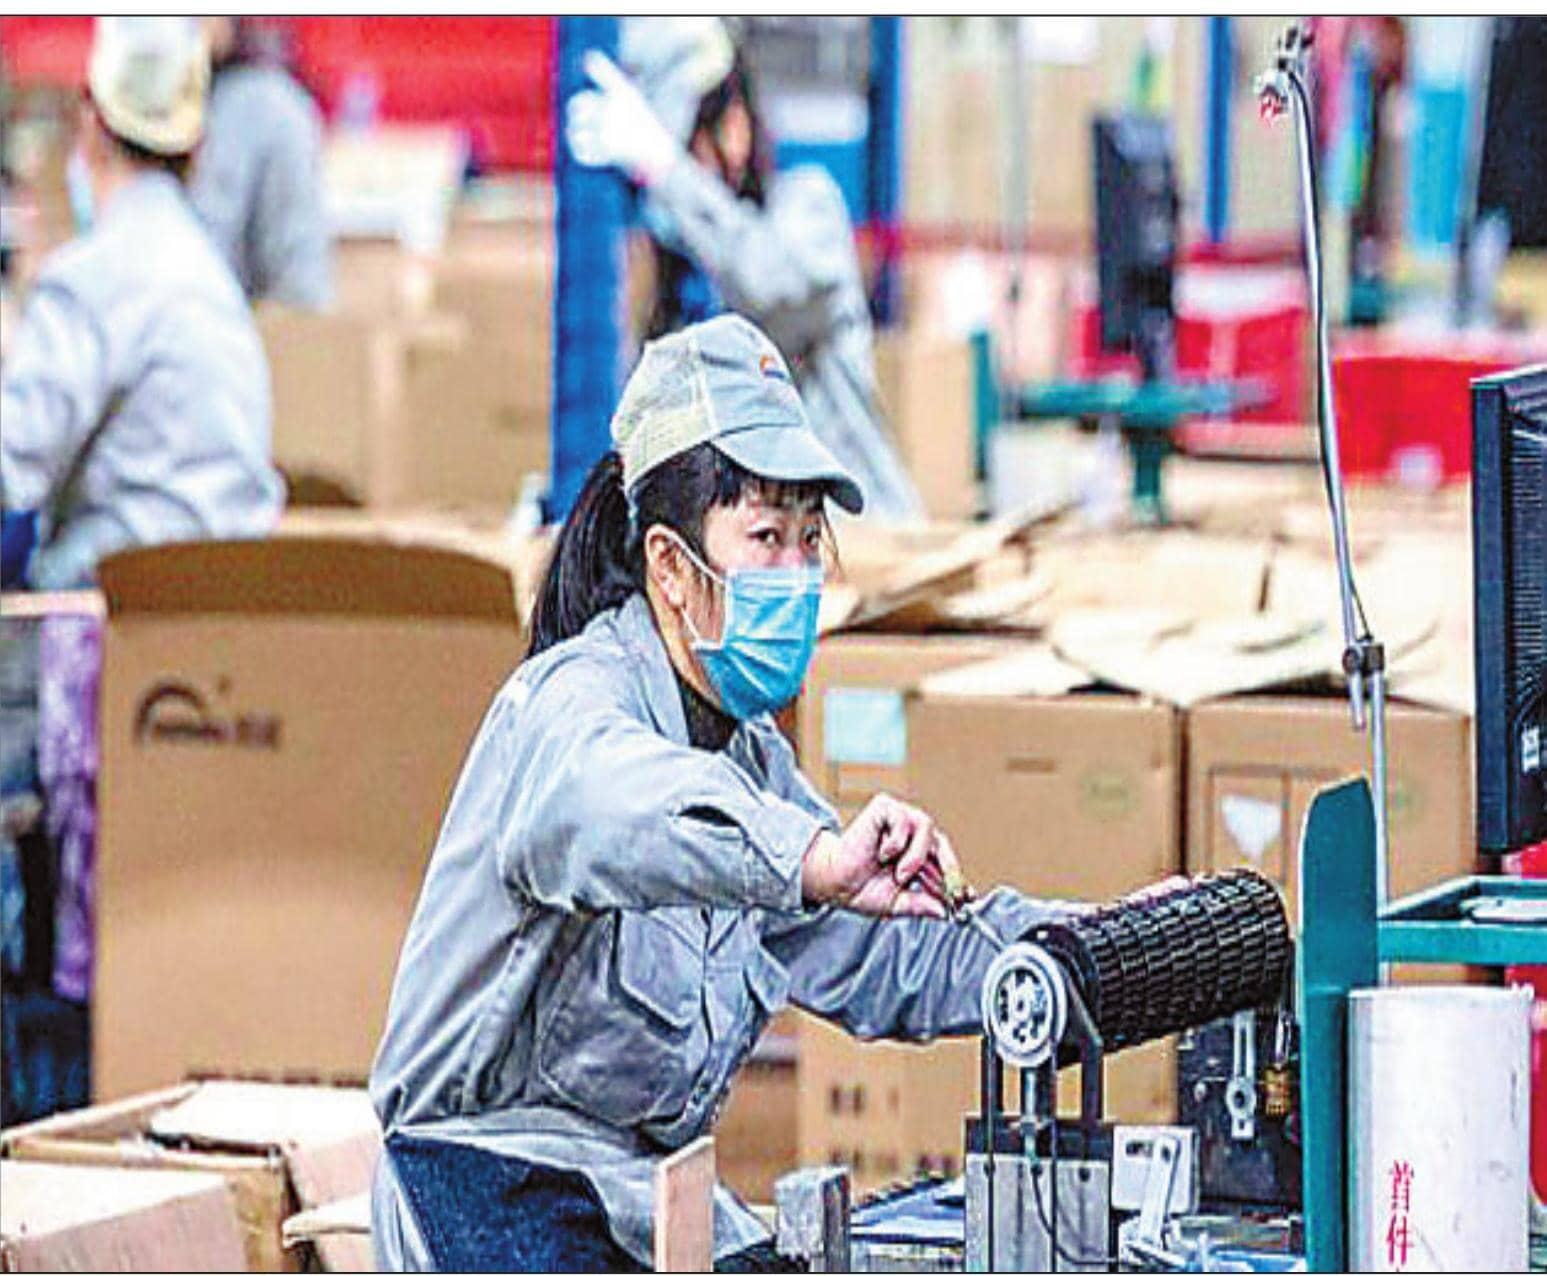 दुनिया कोरोना वायरस से लॉकडाऊन, चीन में फिर शुरू हुईं फैक्टरियां